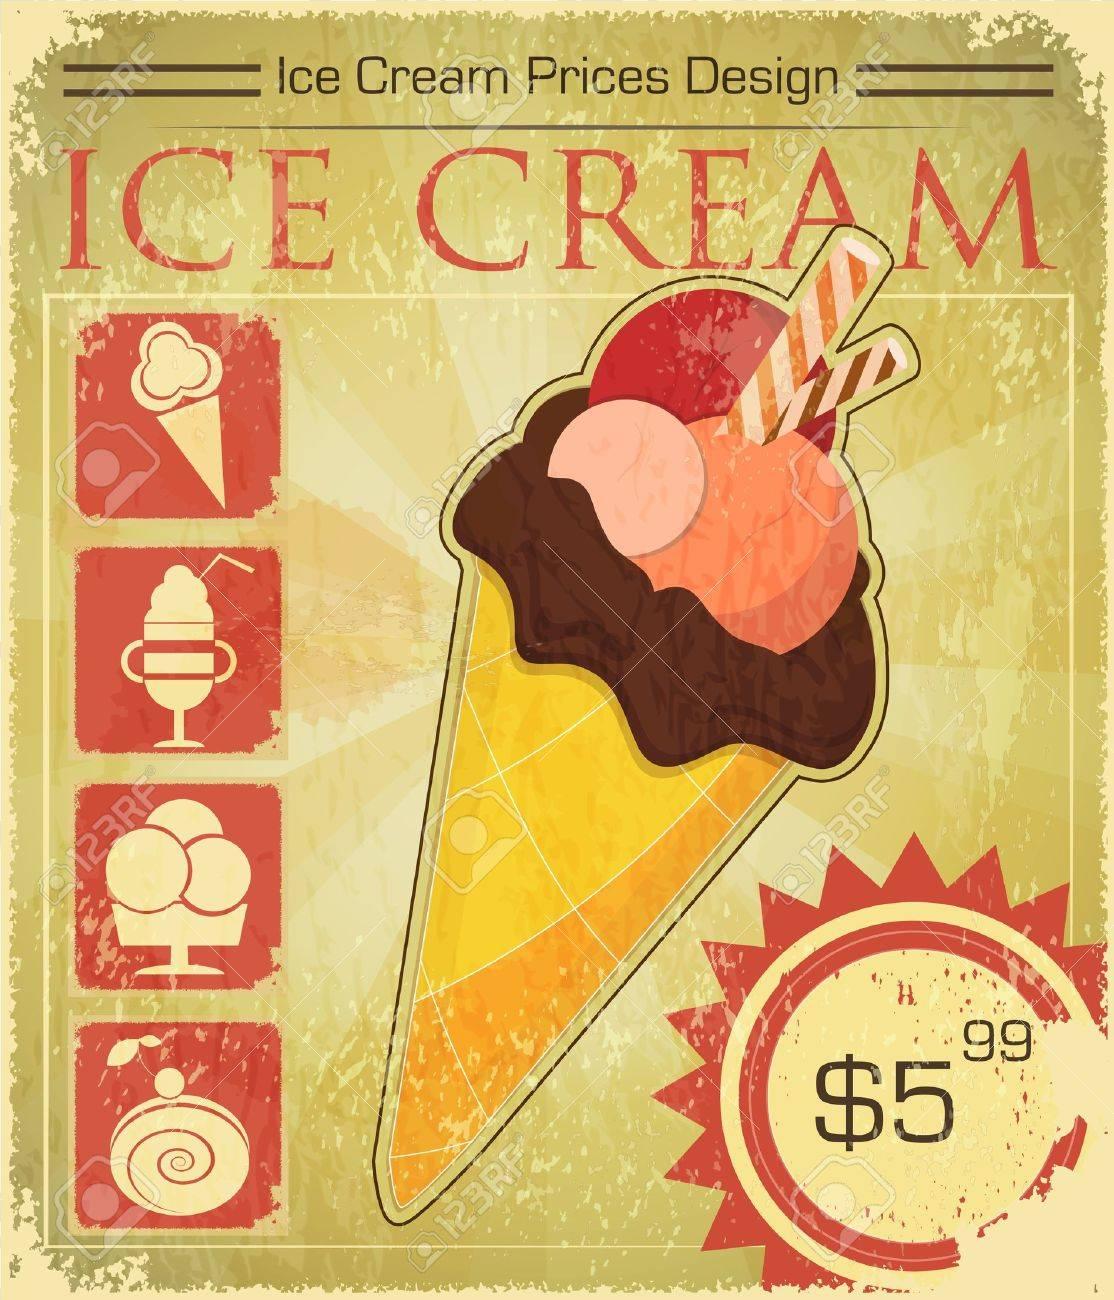 Design poster ice cream - Design Ice Cream Price In Retro Style Vector Illustration Stock Vector 14442105